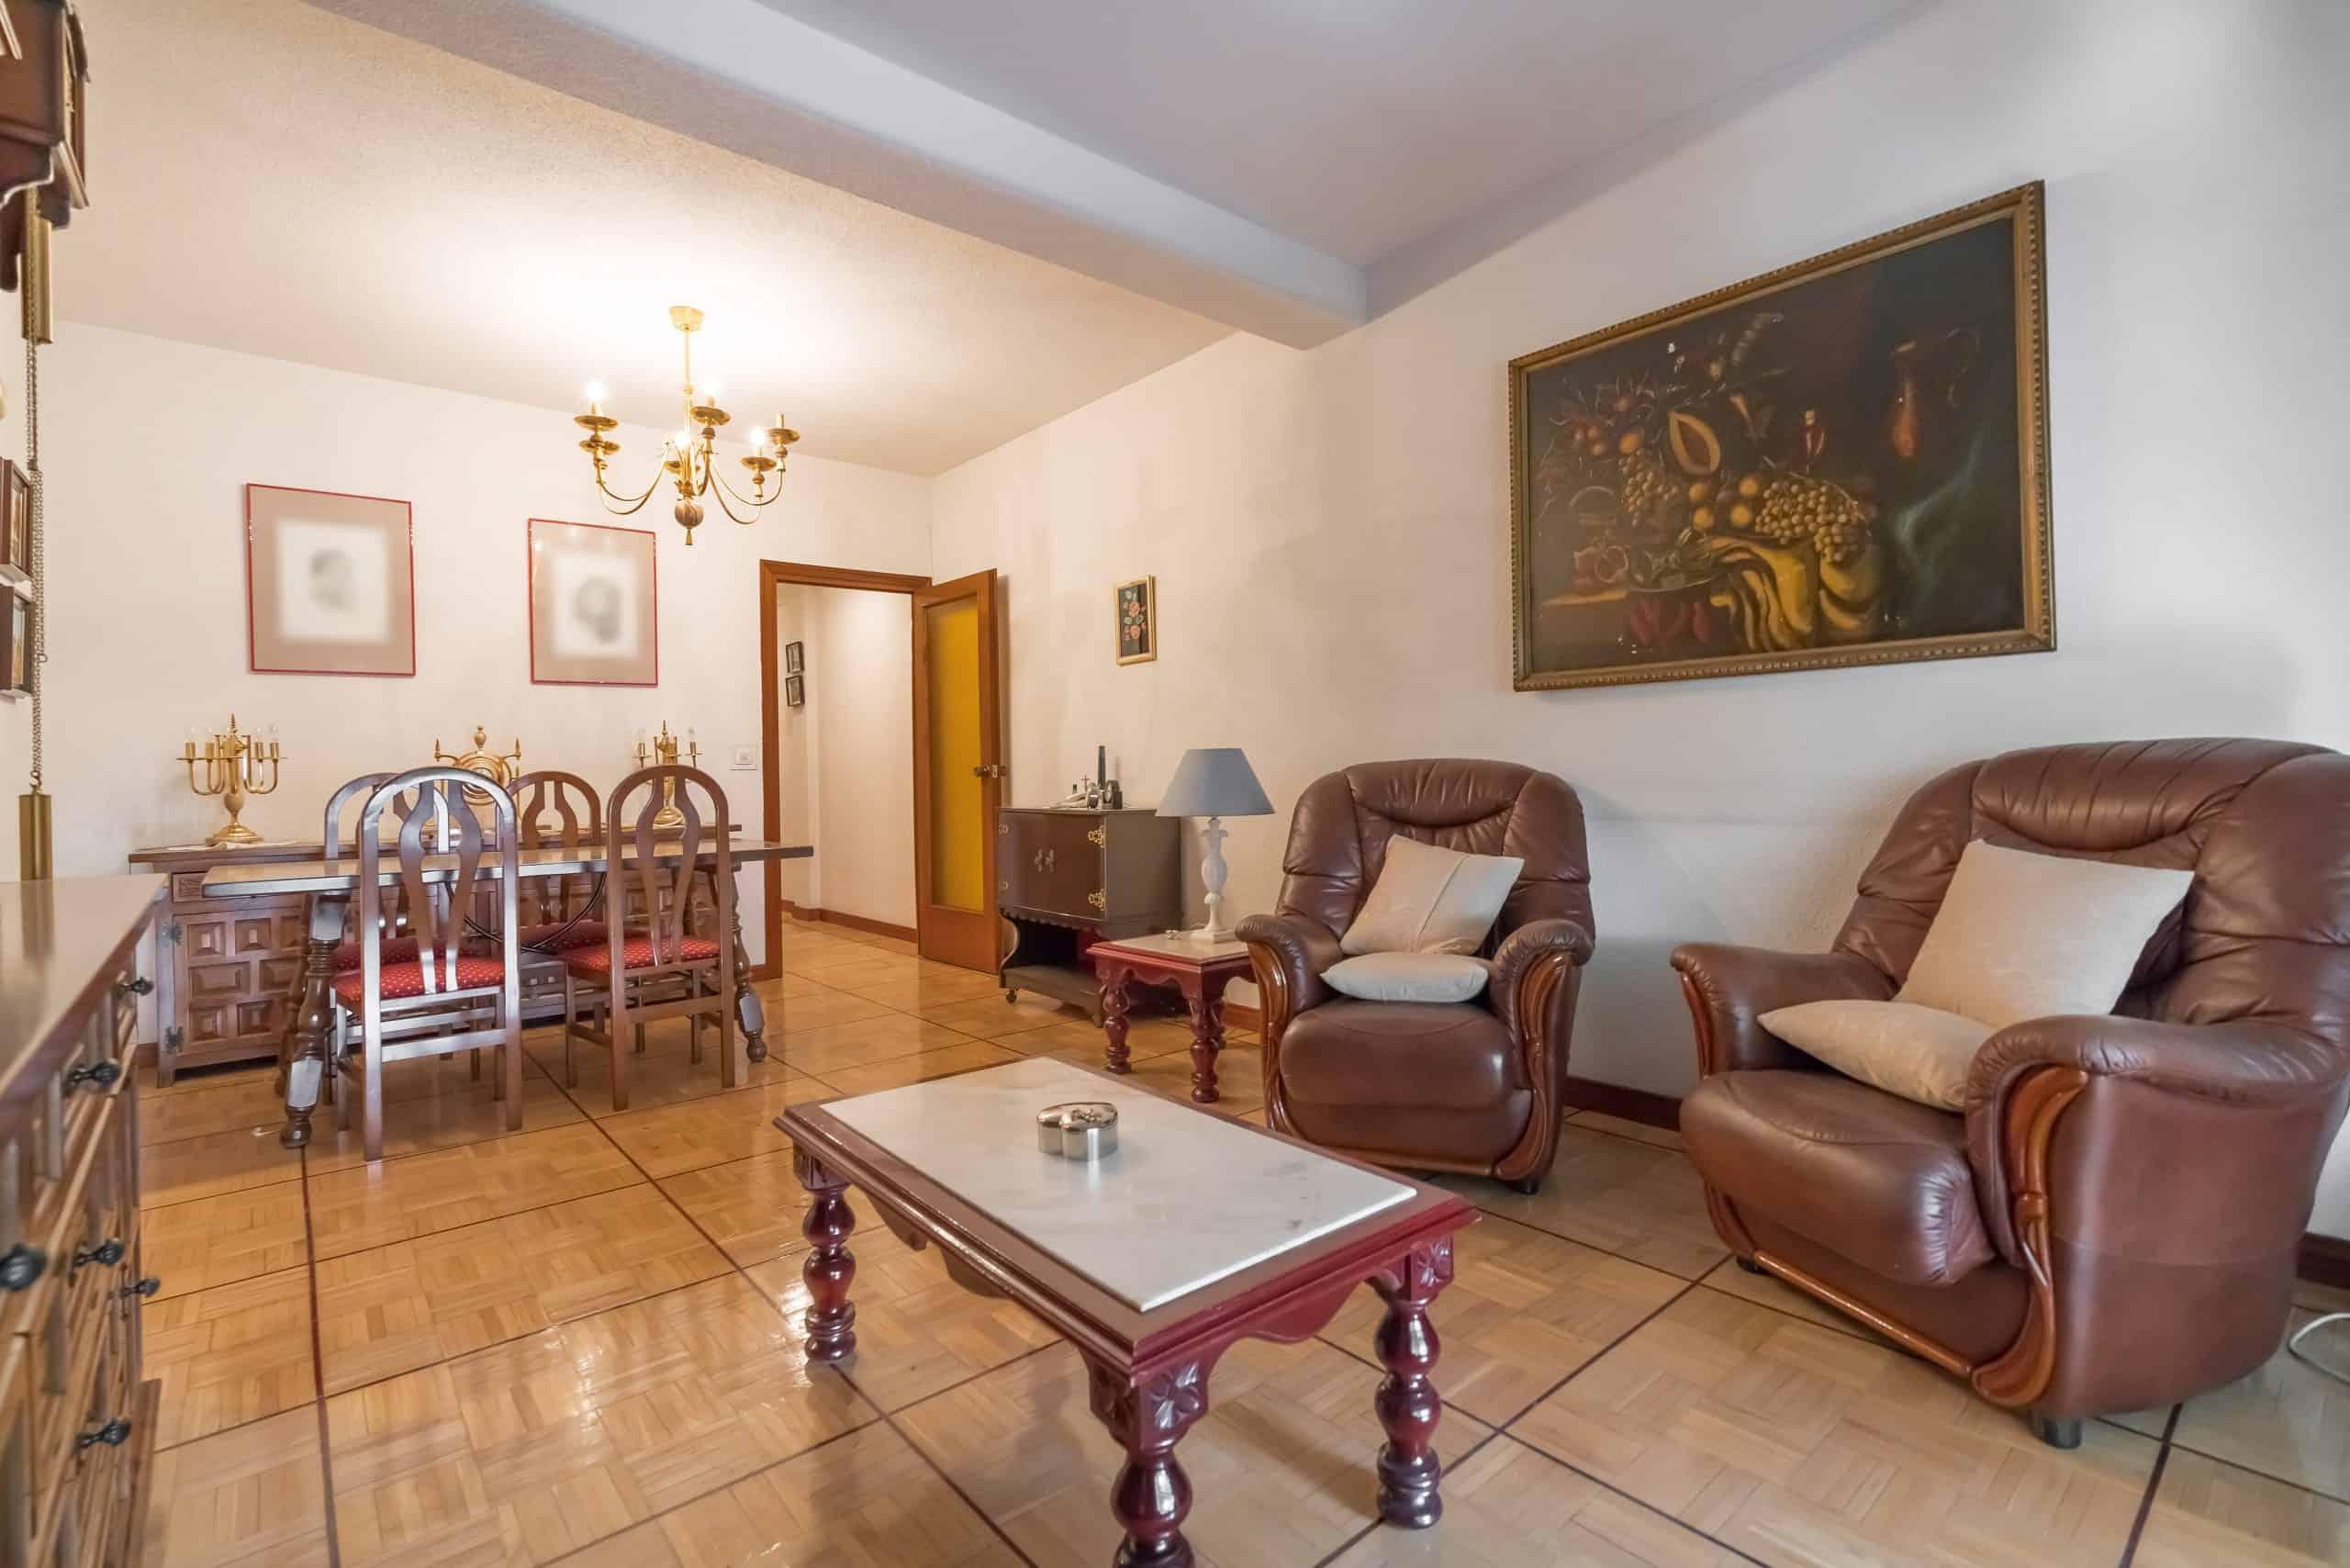 Agencia Inmobiliaria de Madrid-FUTUROCASA-Zona ARGANZUELA-EMBAJADORES-LEGAZPI -calle tomas borras- Salon